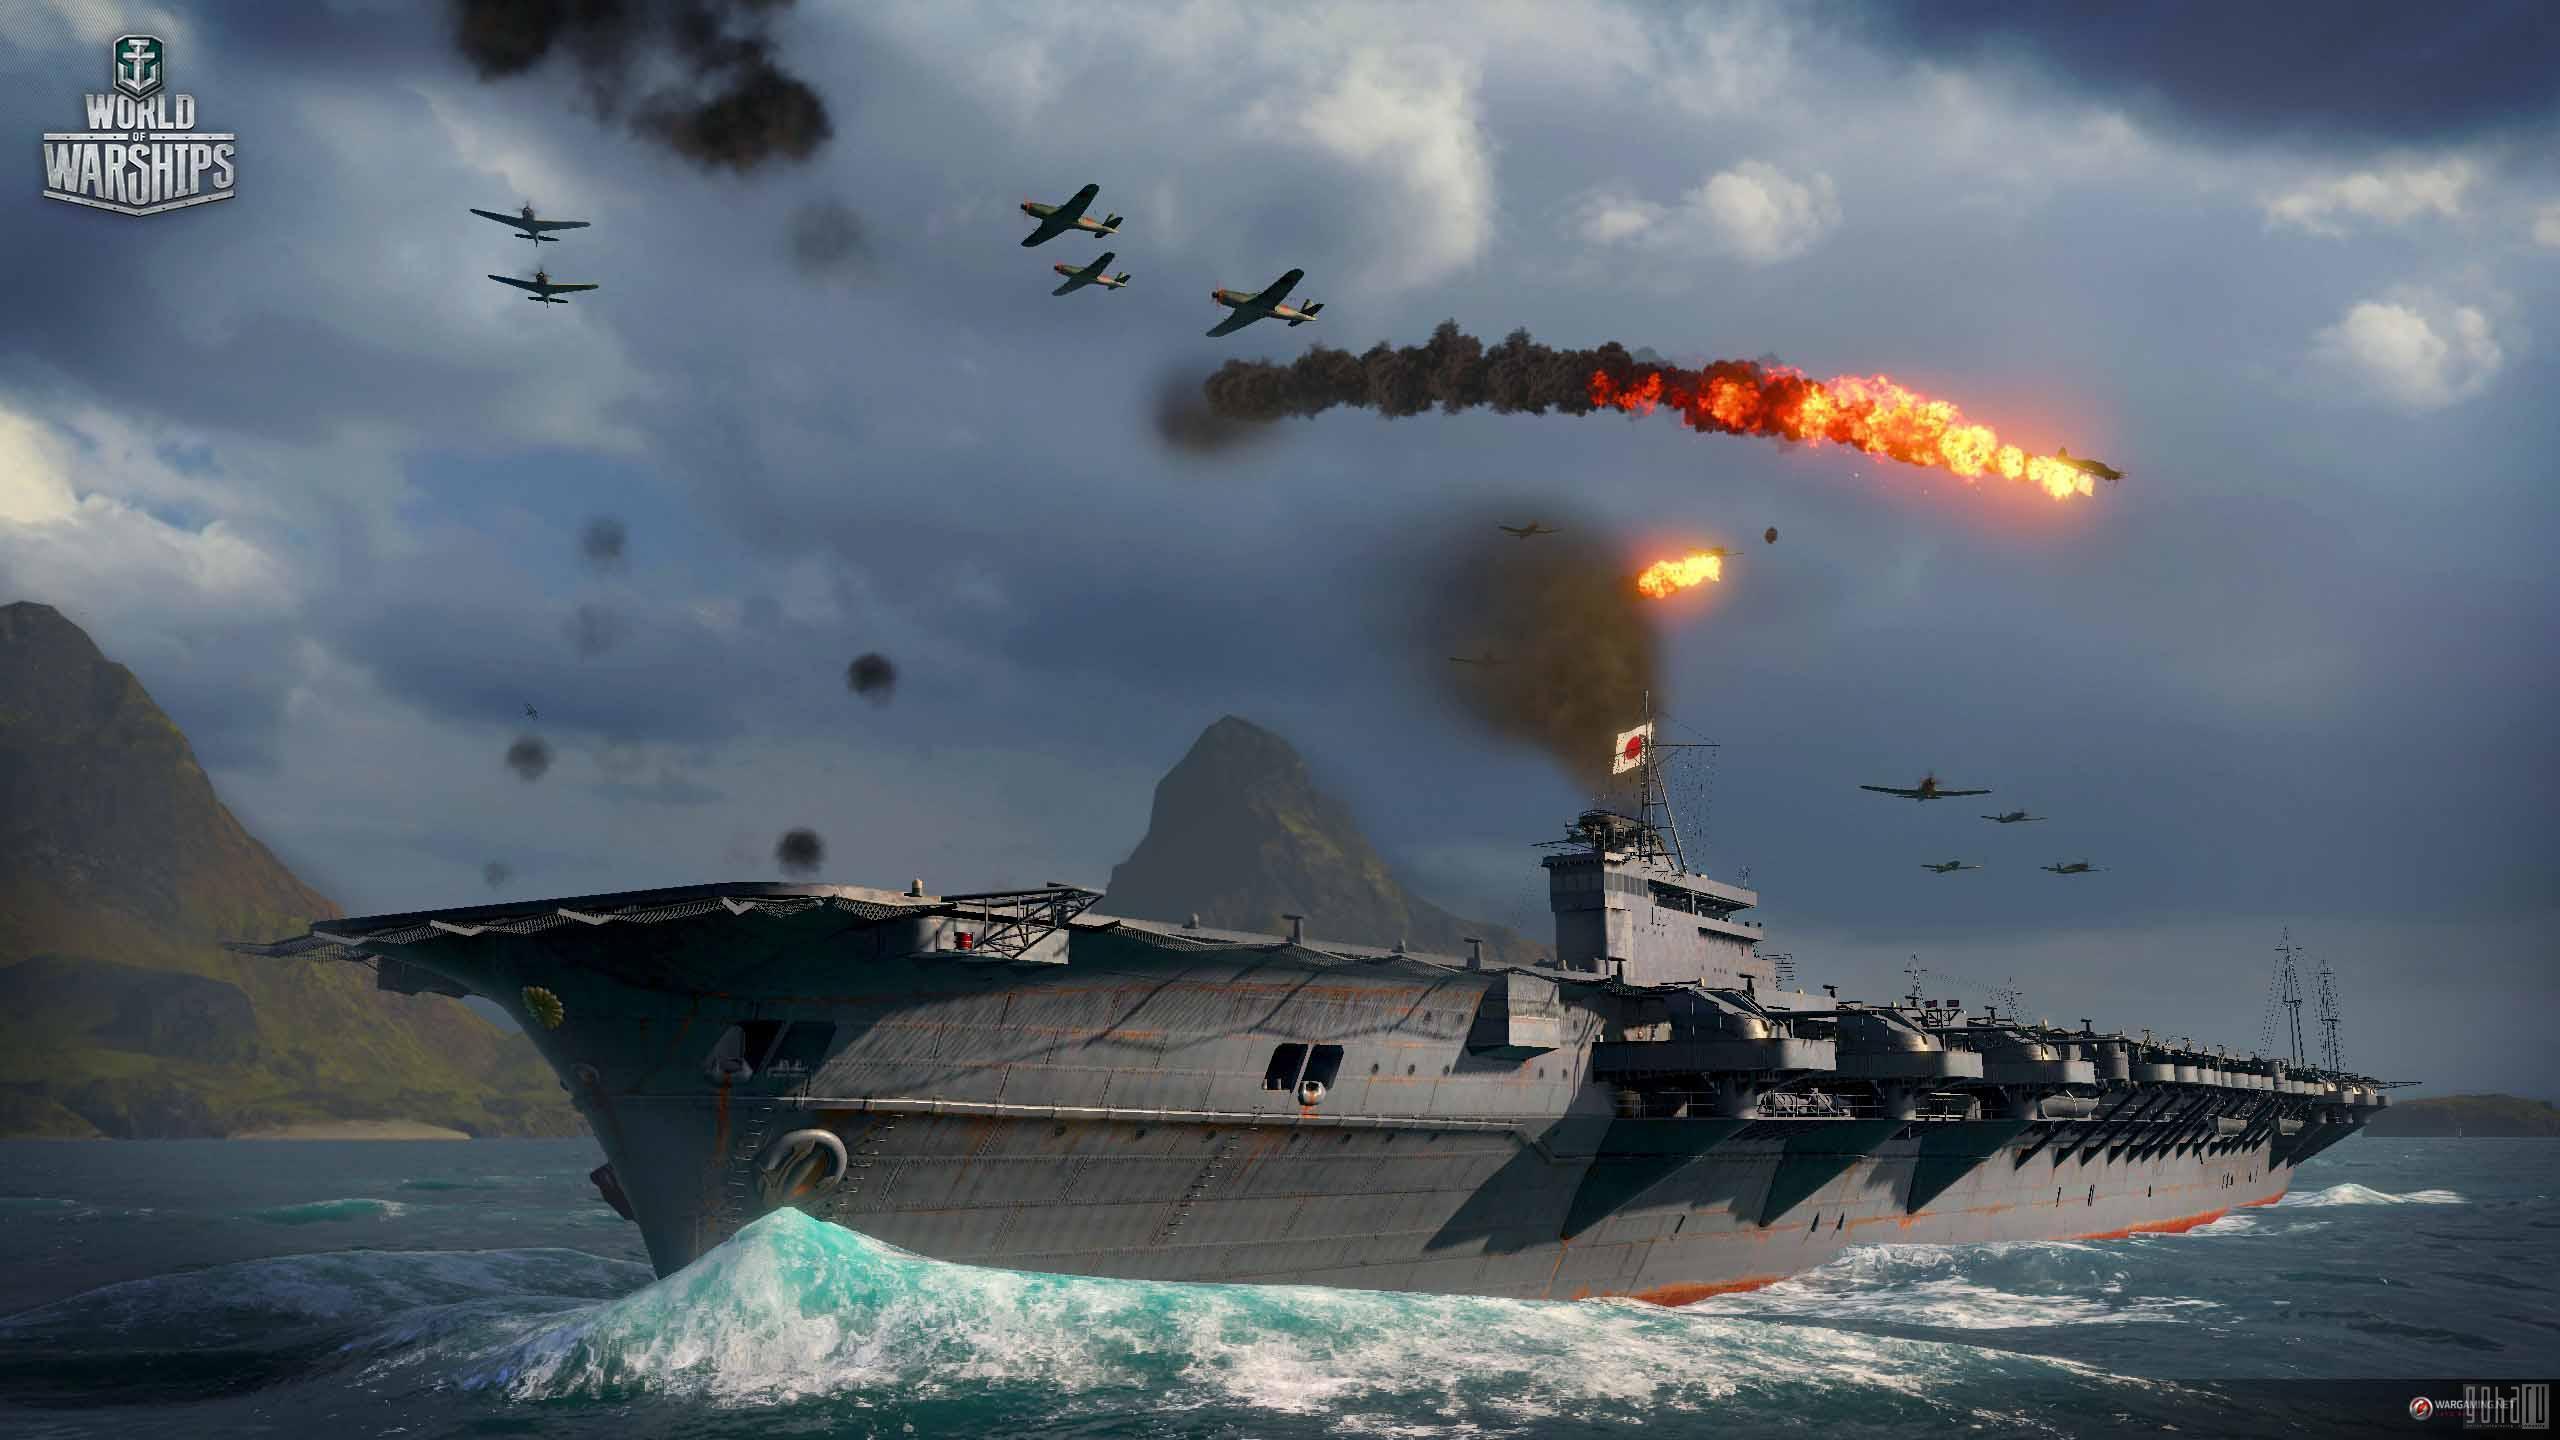 Стартовал ОБТ World of Warships. Полный вперёд!   World of Warships выходит из порта! 2 июля стартовал Открытый Бе ... - Изображение 1